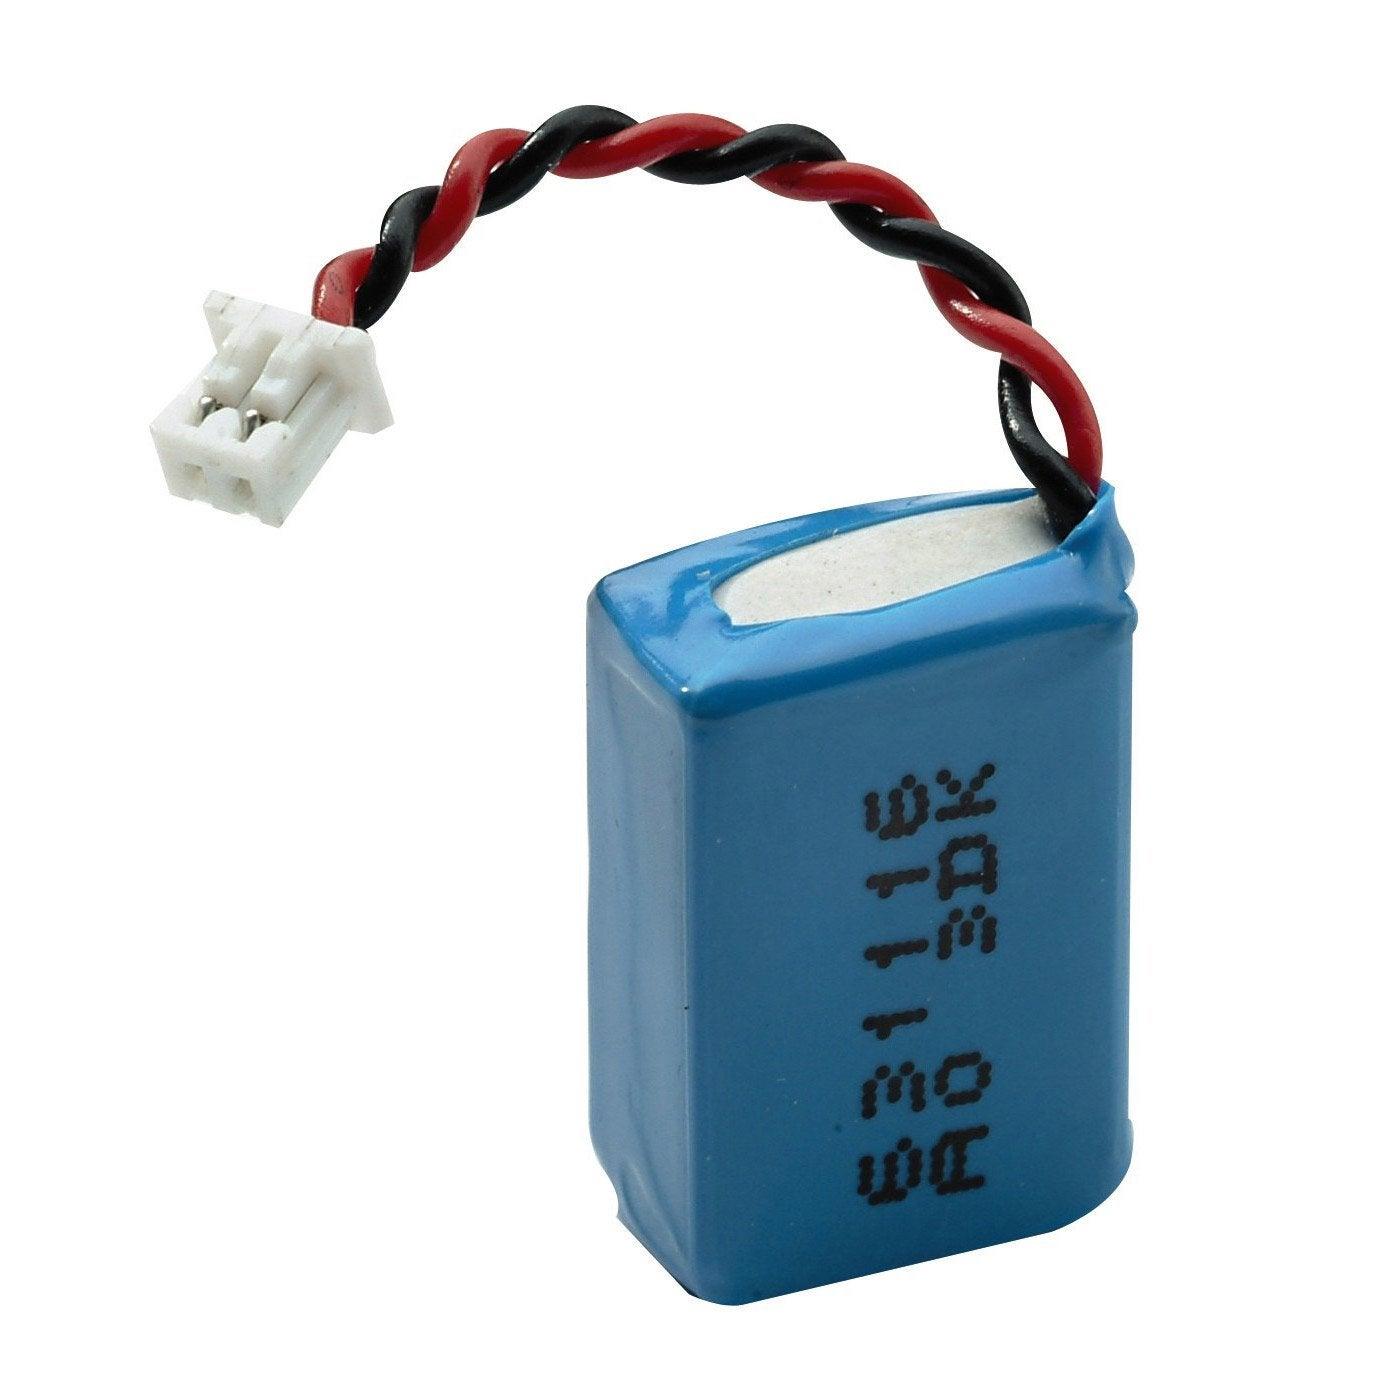 Batterie Li Ion Diagral Leroy Merlin